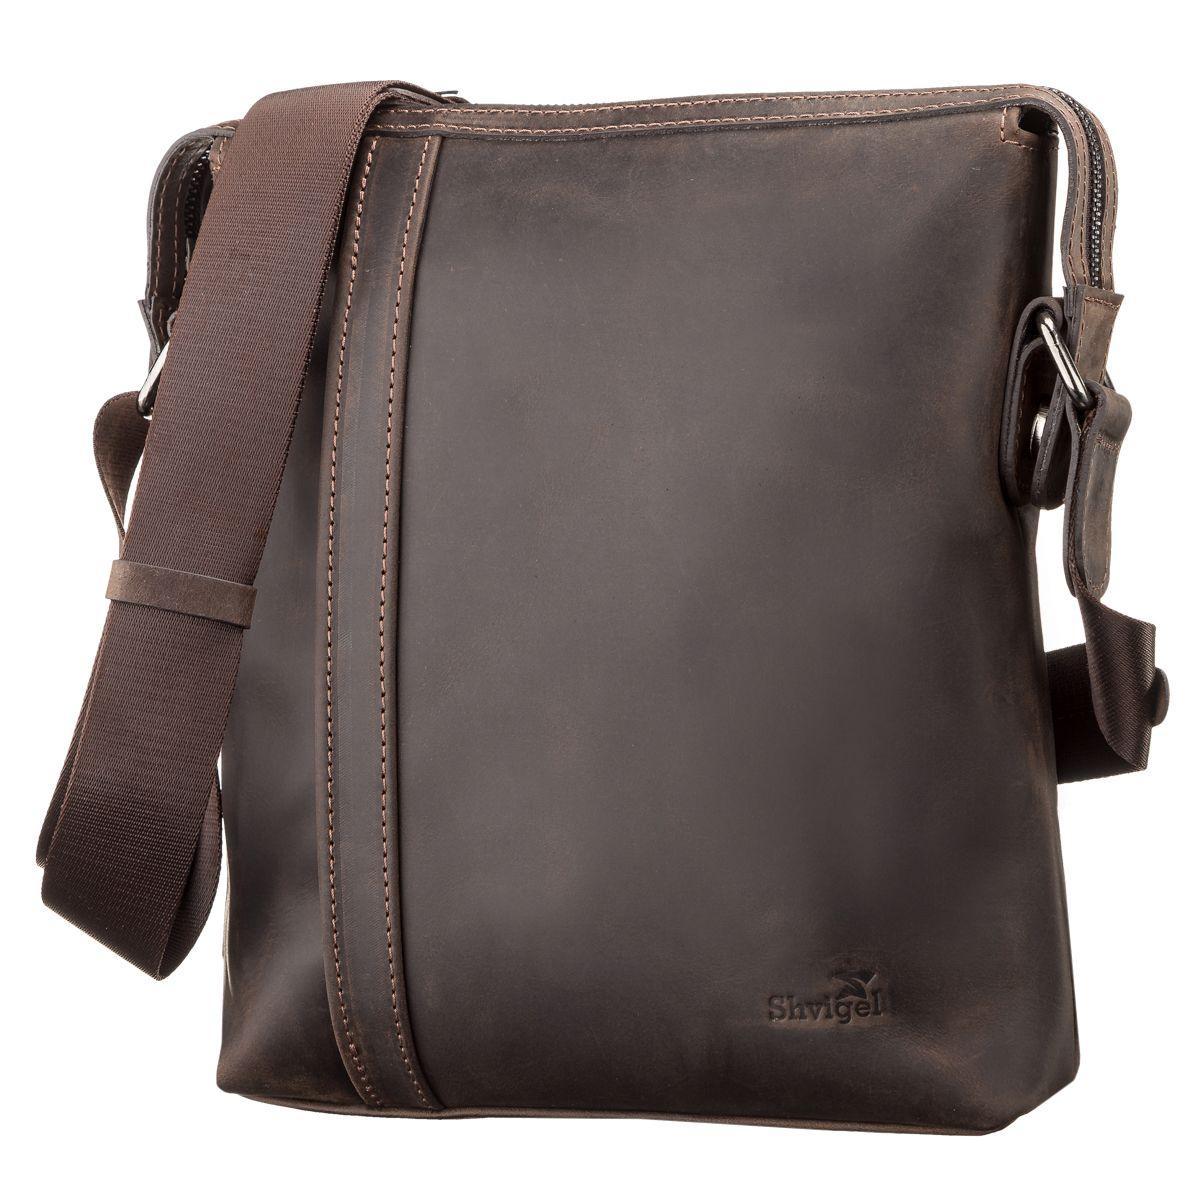 53b60872f633 Коричневая мужская сумка на плечо SHVIGEL 11099 - Цена, купить ...